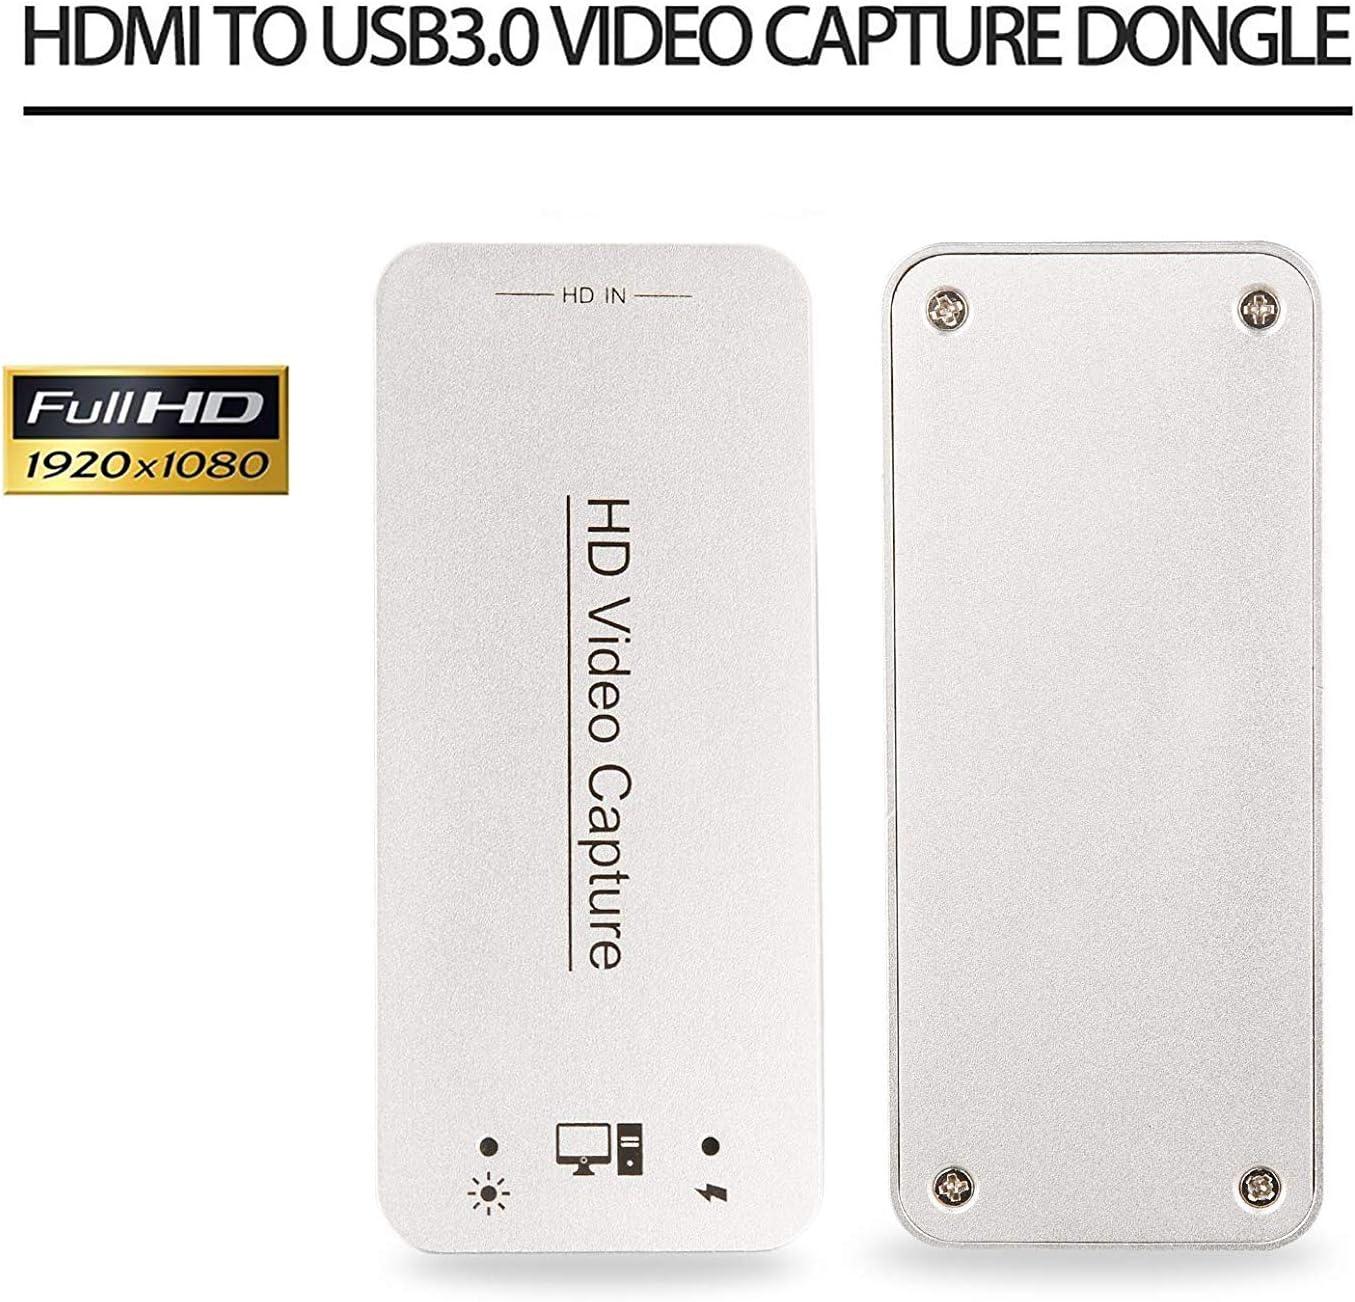 DIGITNOW! Capturadora de vídeo HDMI USB 3.0 y Dispositivo de ...